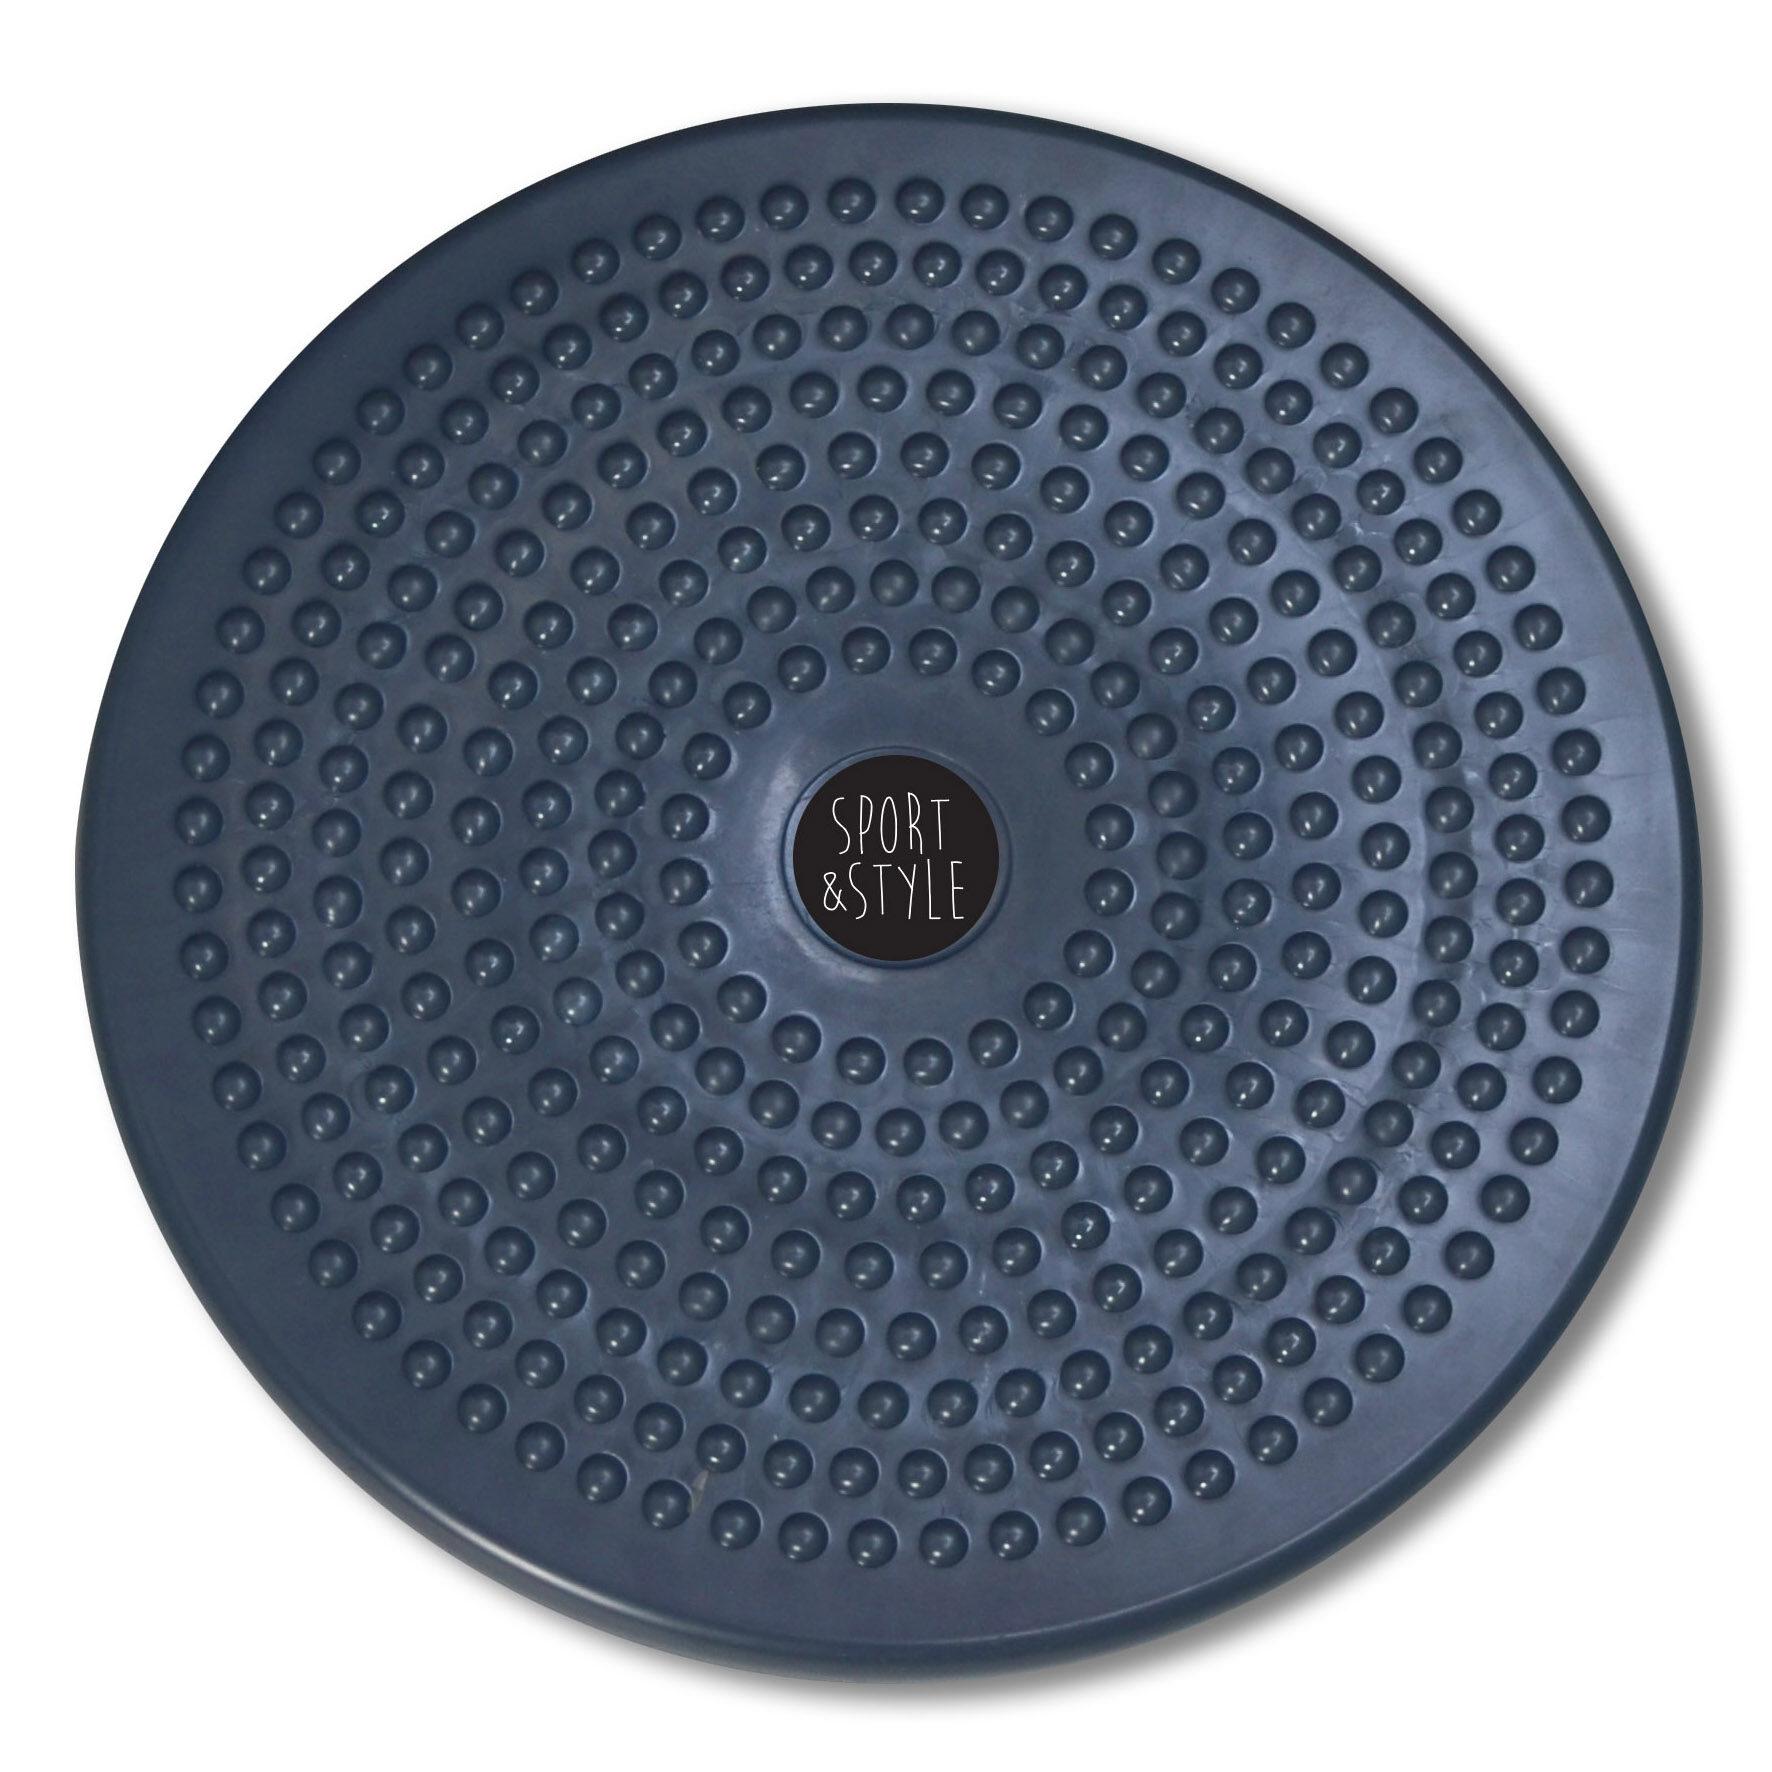 จานทวิส จานทวิสต์ จานทวิสหมุนเอว จานทวิสต์ 80 กิโล จานทวิสเตอร์ จานทวิสใหญ่ จานทวิสต์ 12 นิ้วจานหมุนเอว สีเทา / Twist Disc Board / Gray.